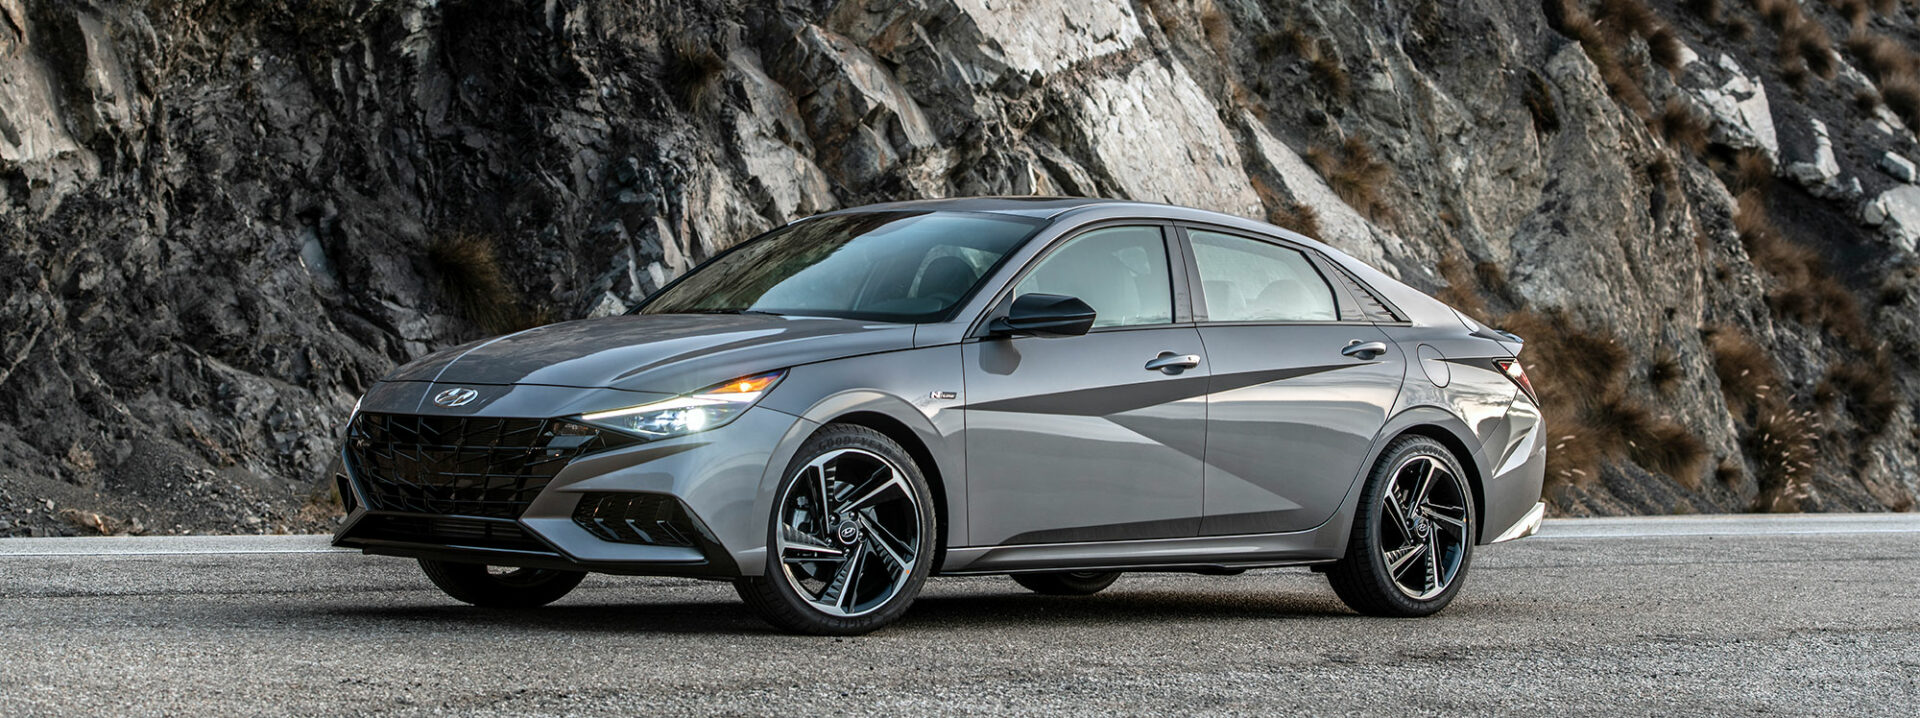 El exclusivo Hyundai Elantra 2022 N